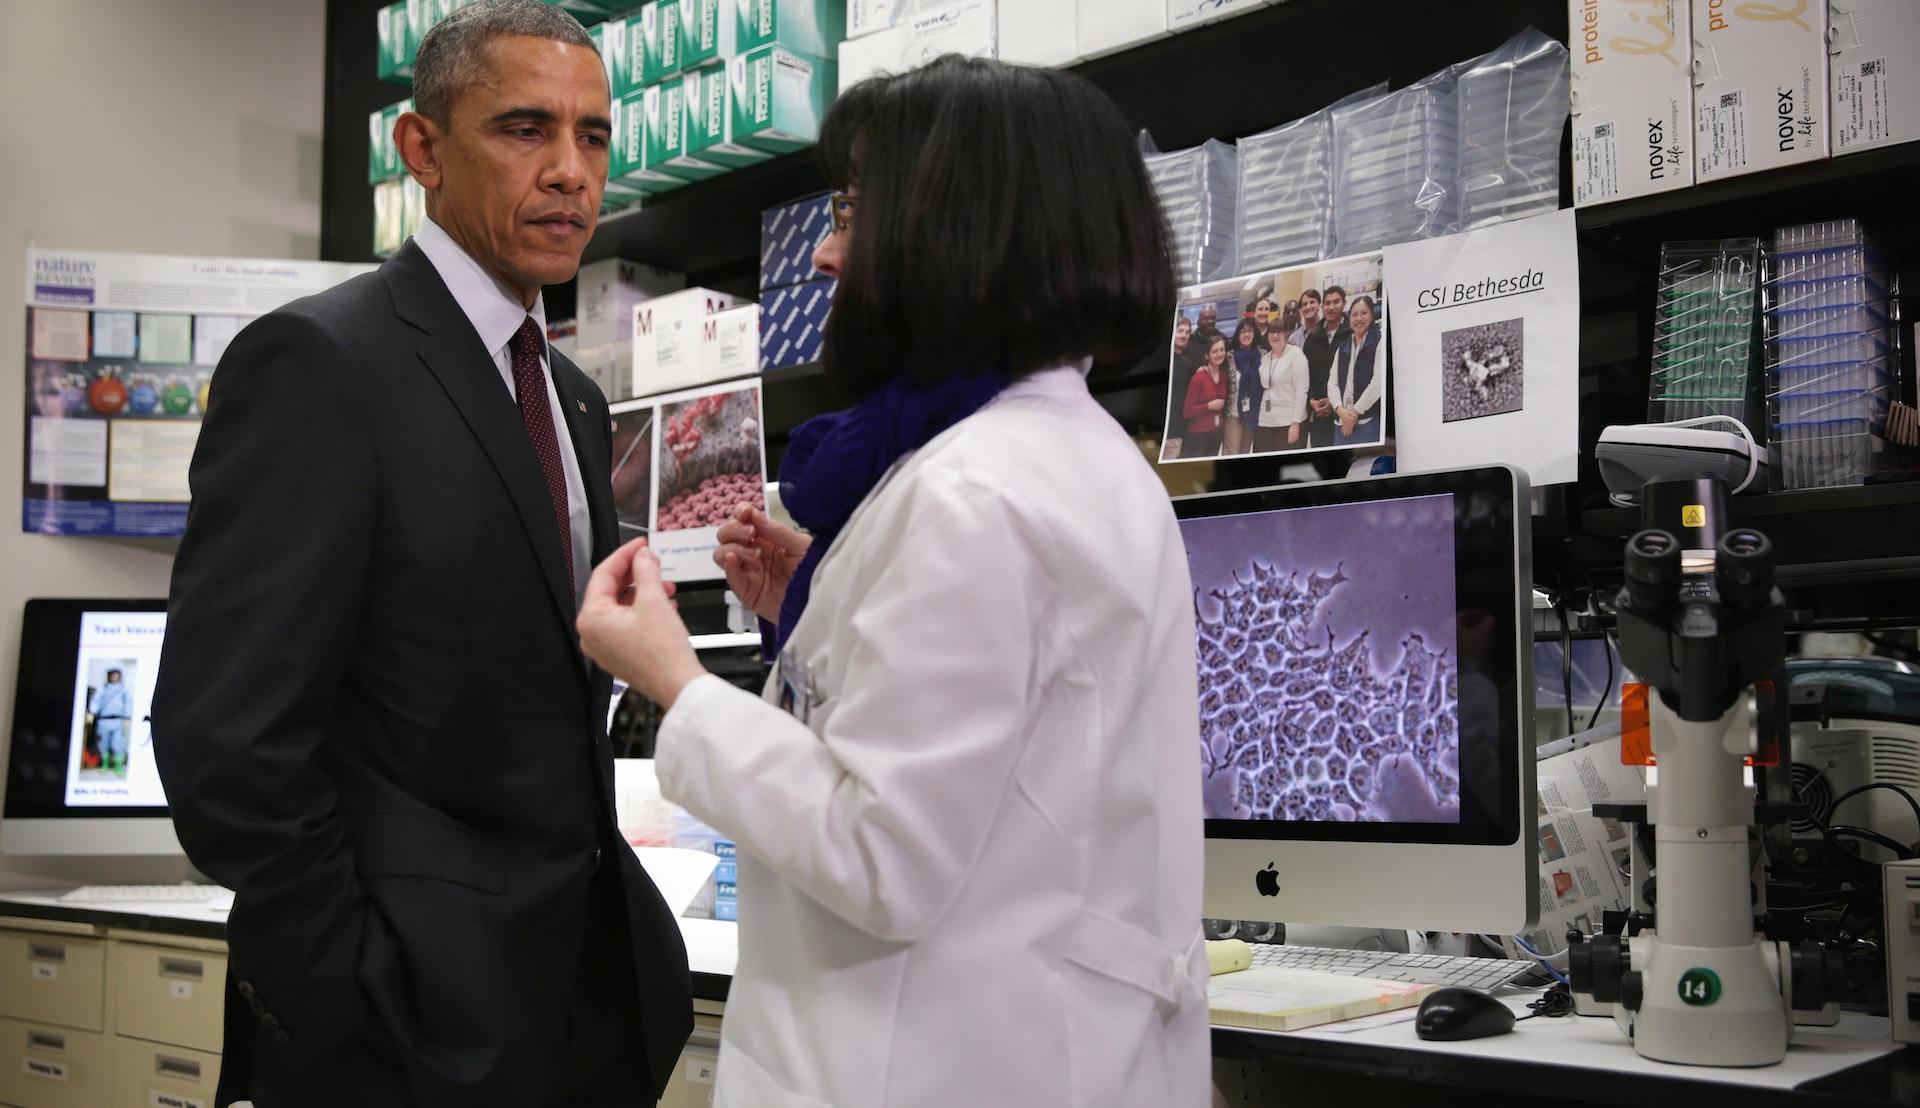 U.S. designates 35 hospitals to treat Ebola patients